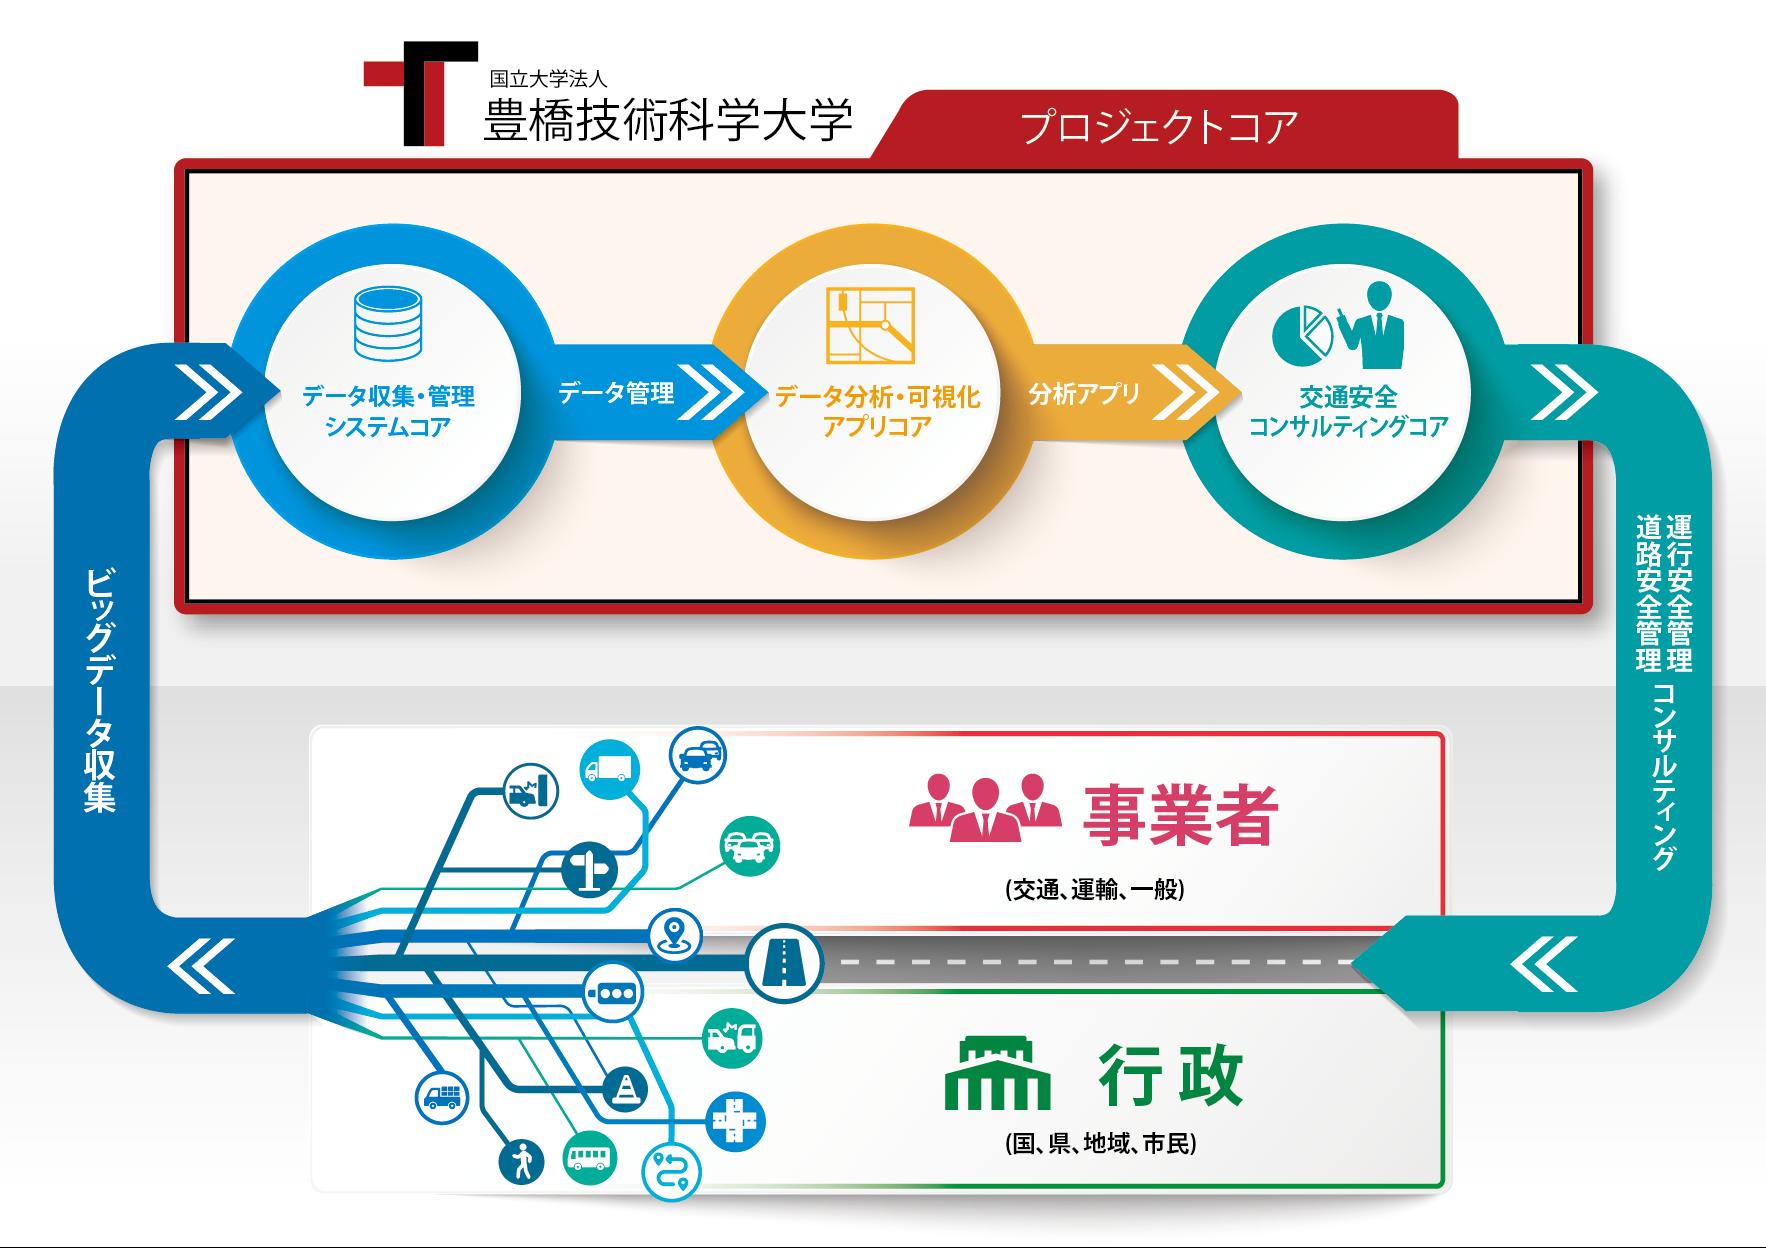 地域に根付くビッグデータ活用型道路・交通安全マネジメント「豊橋モデル」